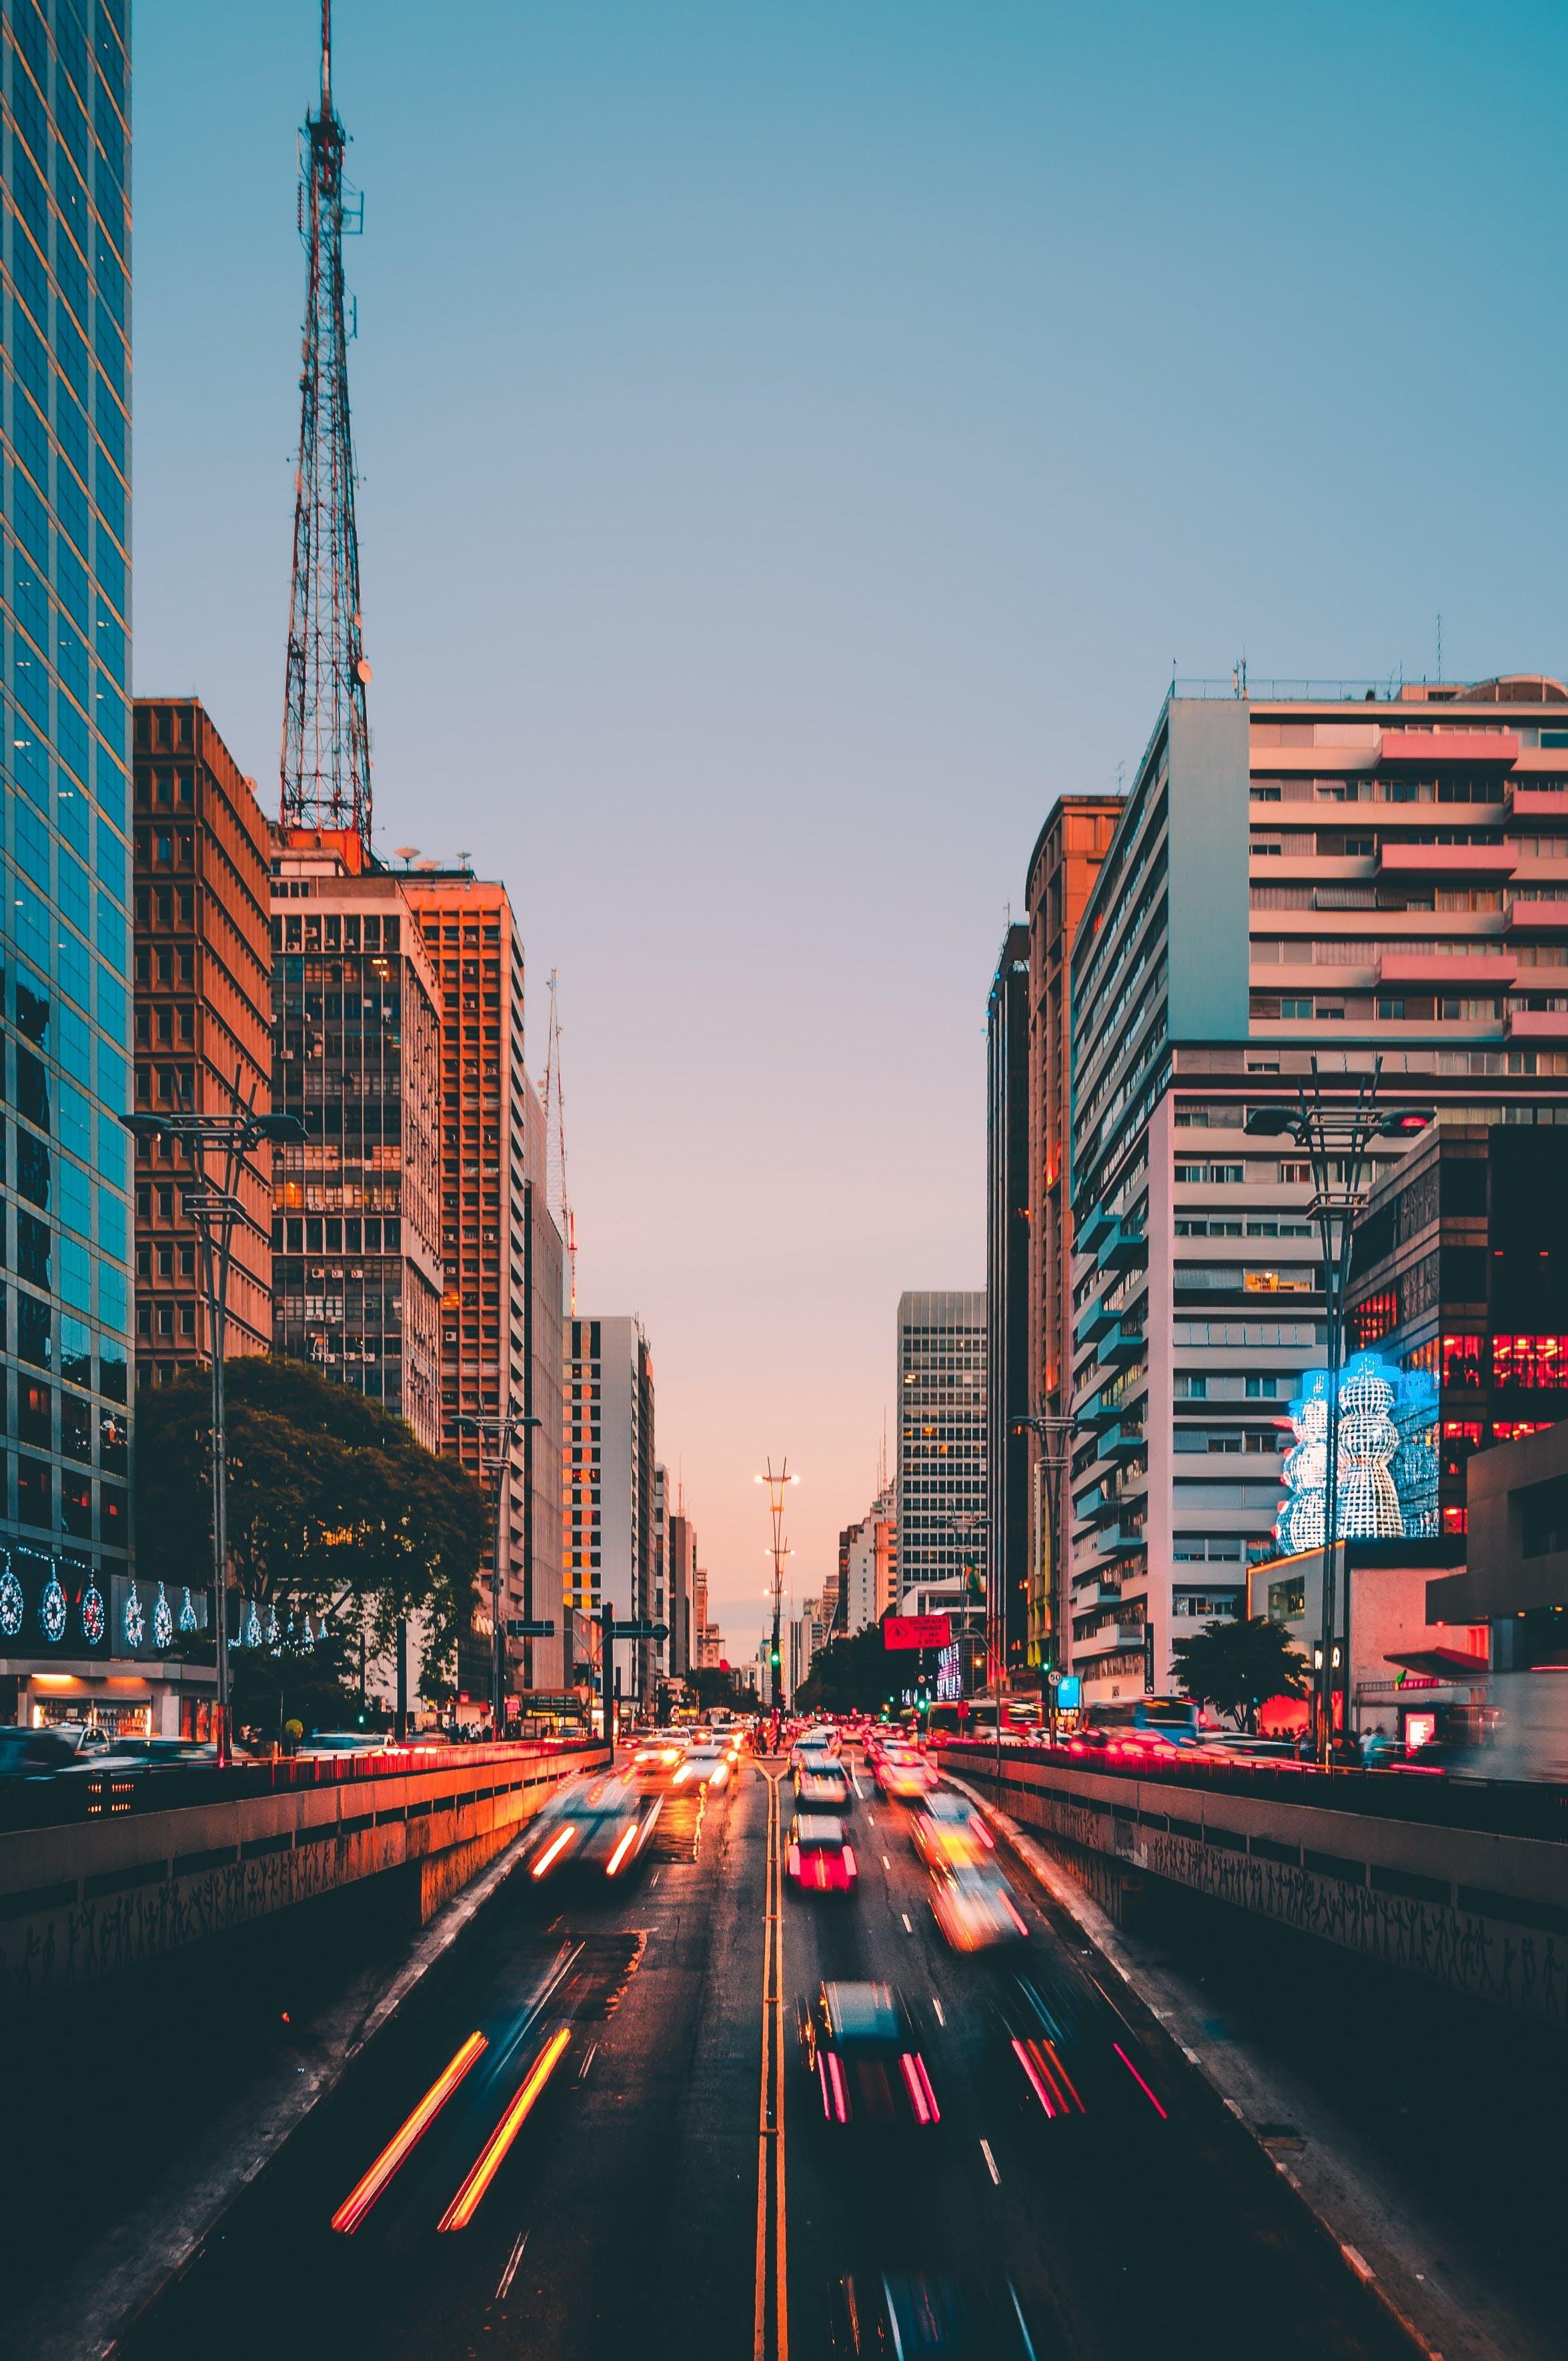 Ảnh lưu trữ miễn phí về các tòa nhà, cảnh quan thành phố, giao thông, kiến trúc